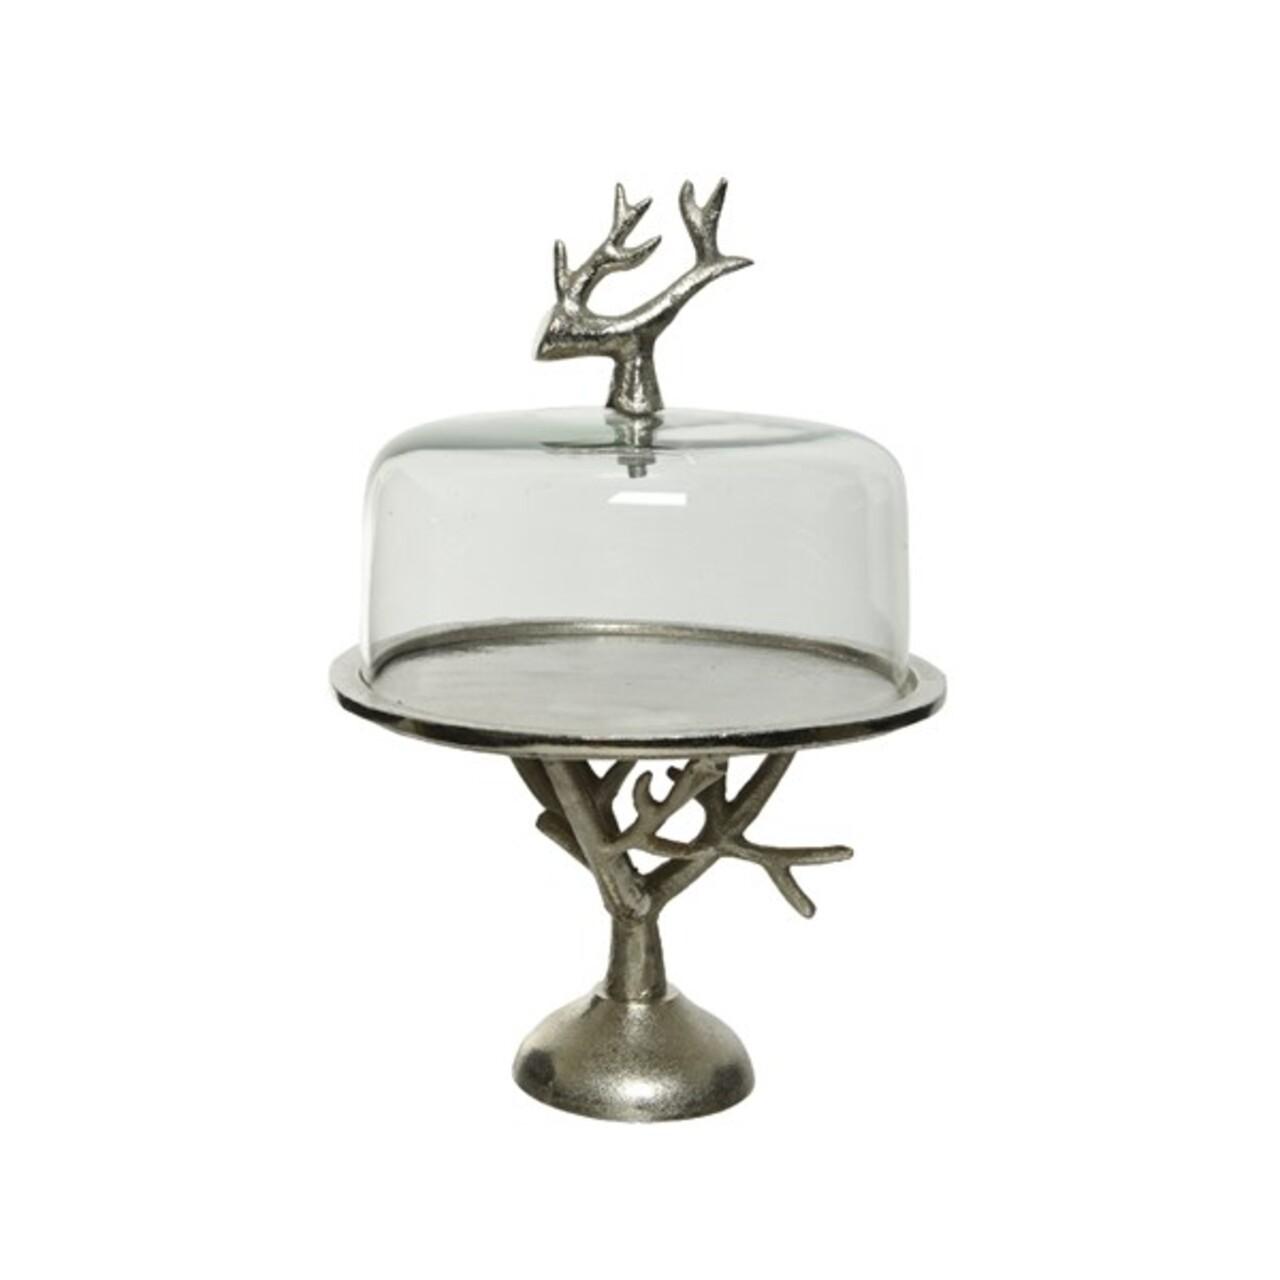 Platou pentru prajituri cu capac Antlers, Decoris, 27x37cm, sticla/aluminiu, argintiu